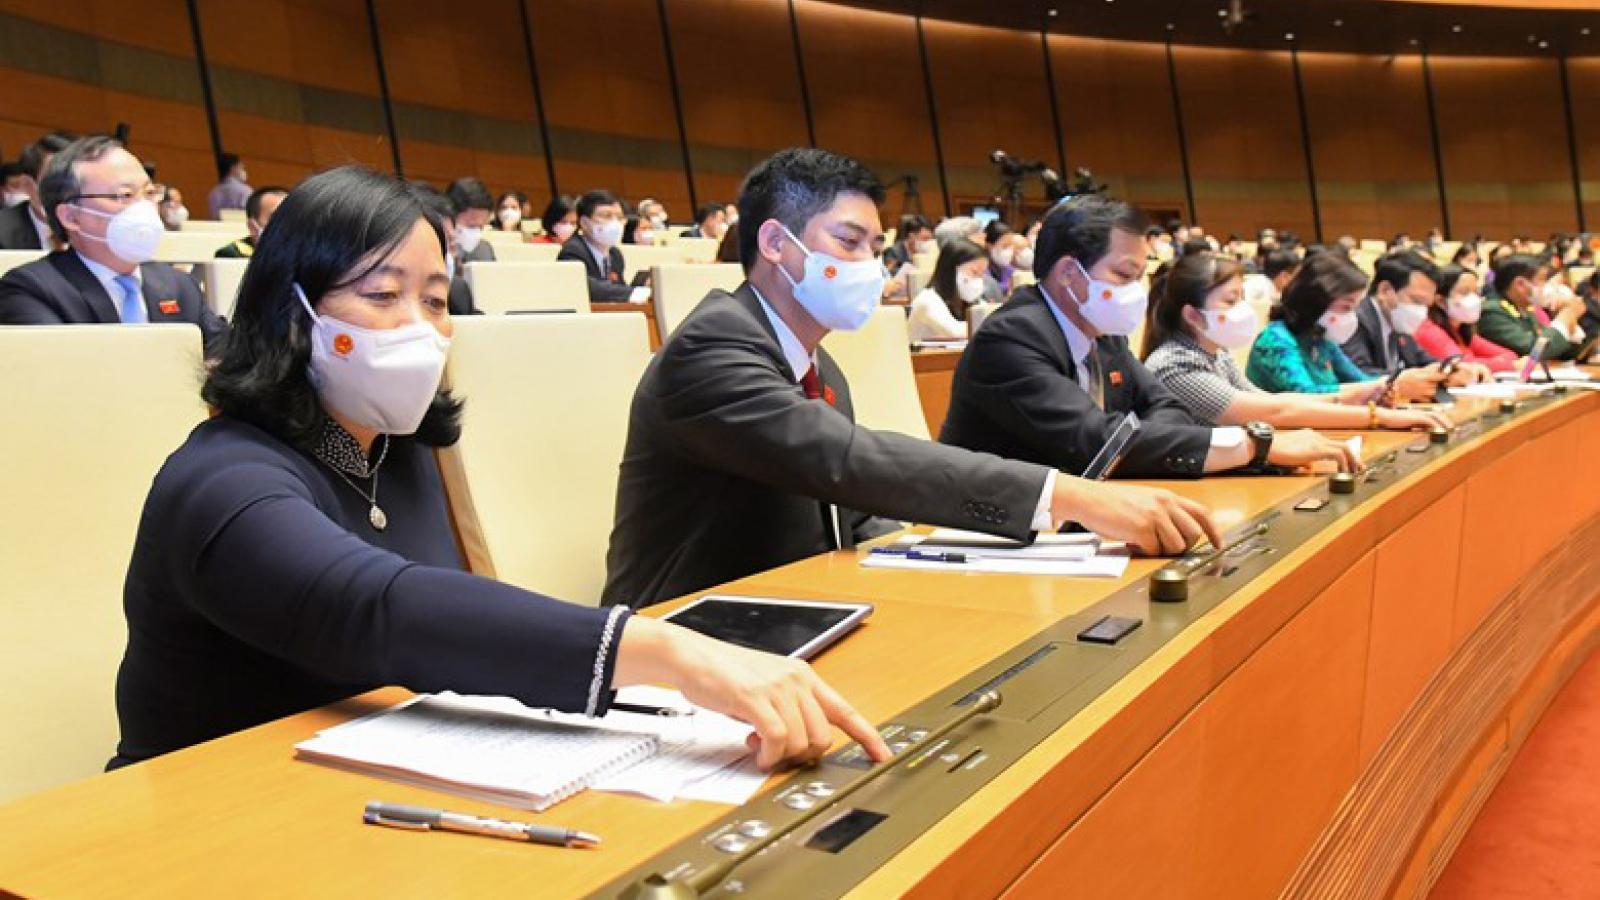 Quốc hội sẽ giám sát tối cao về chống lãng phí và công tác quy hoạch